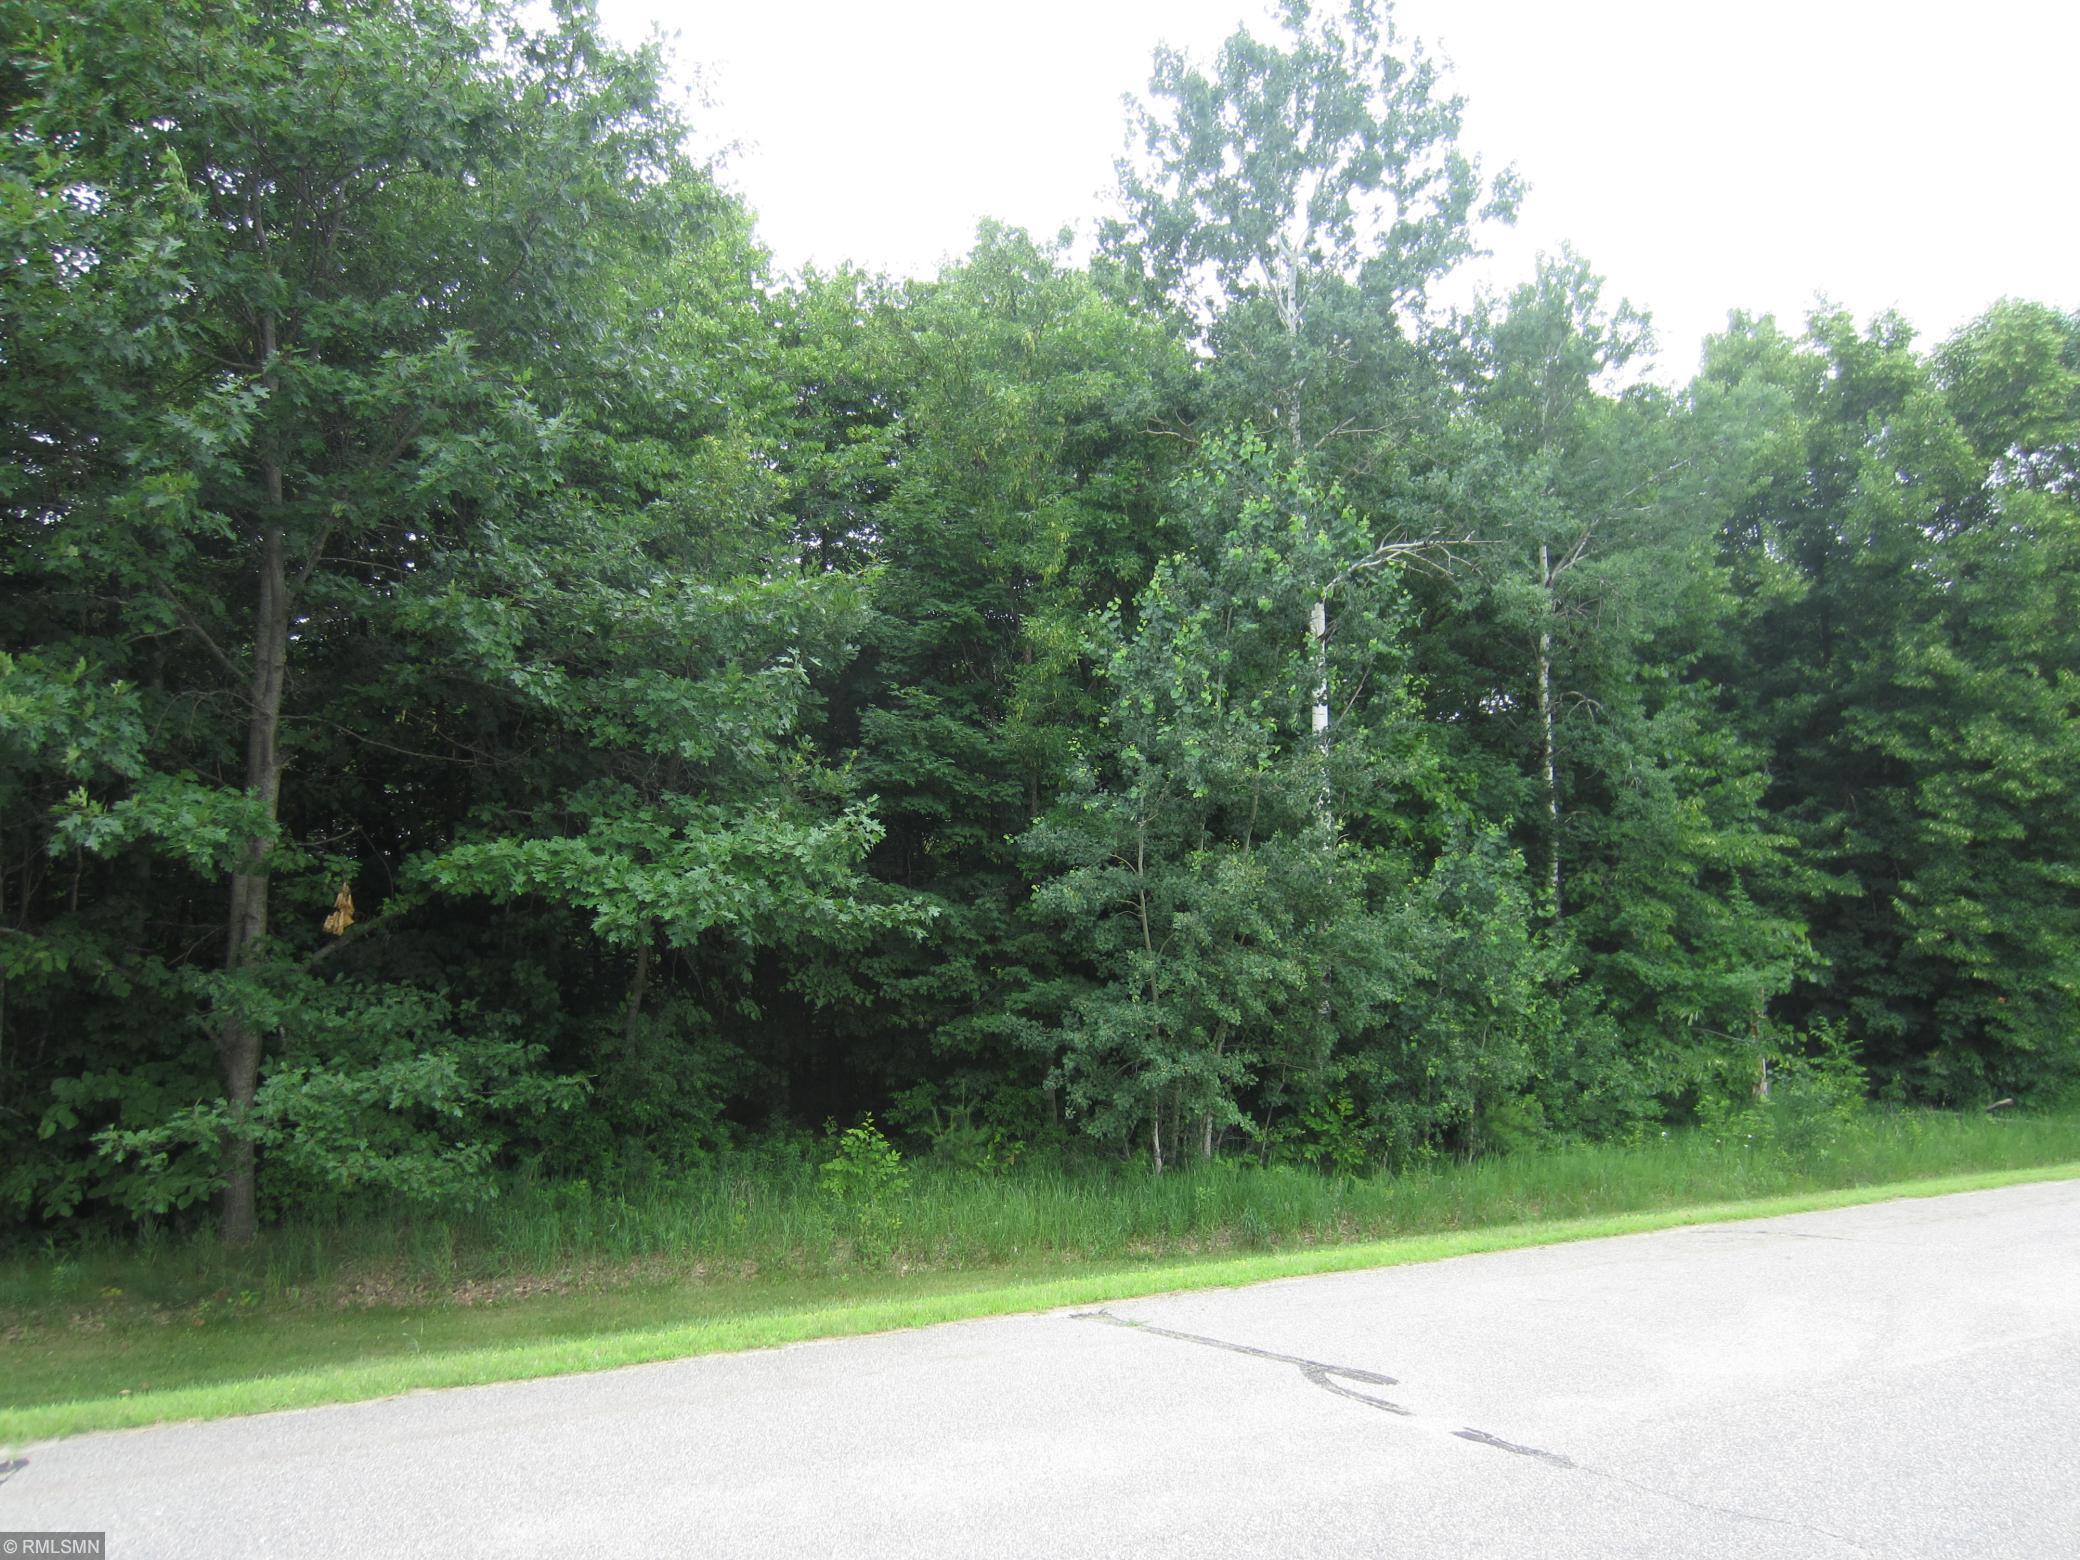 Property Image for 1,2,3 Cabinstill Lane